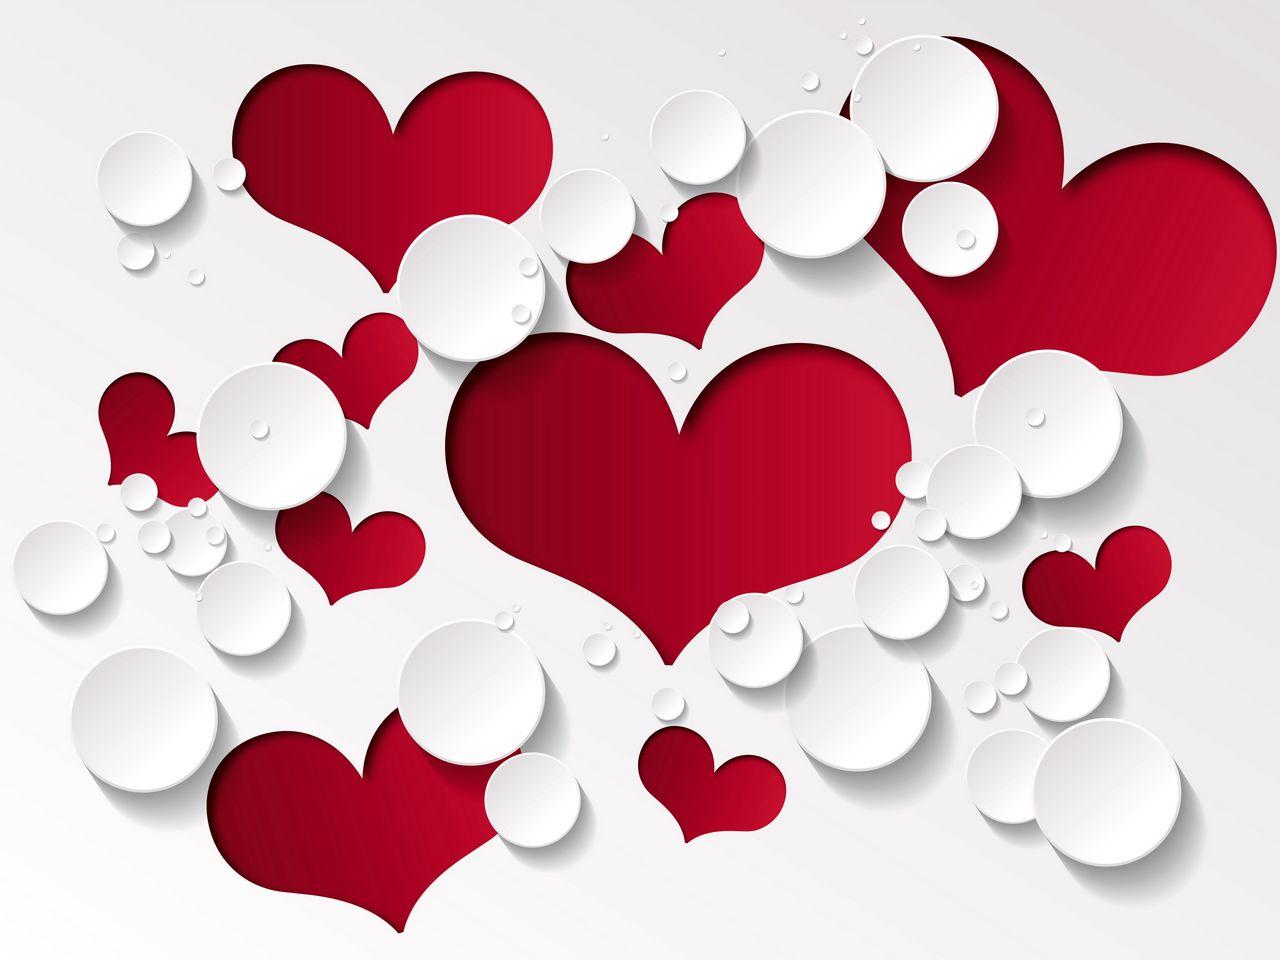 1280x960 Wallpaper heart, shape, pattern